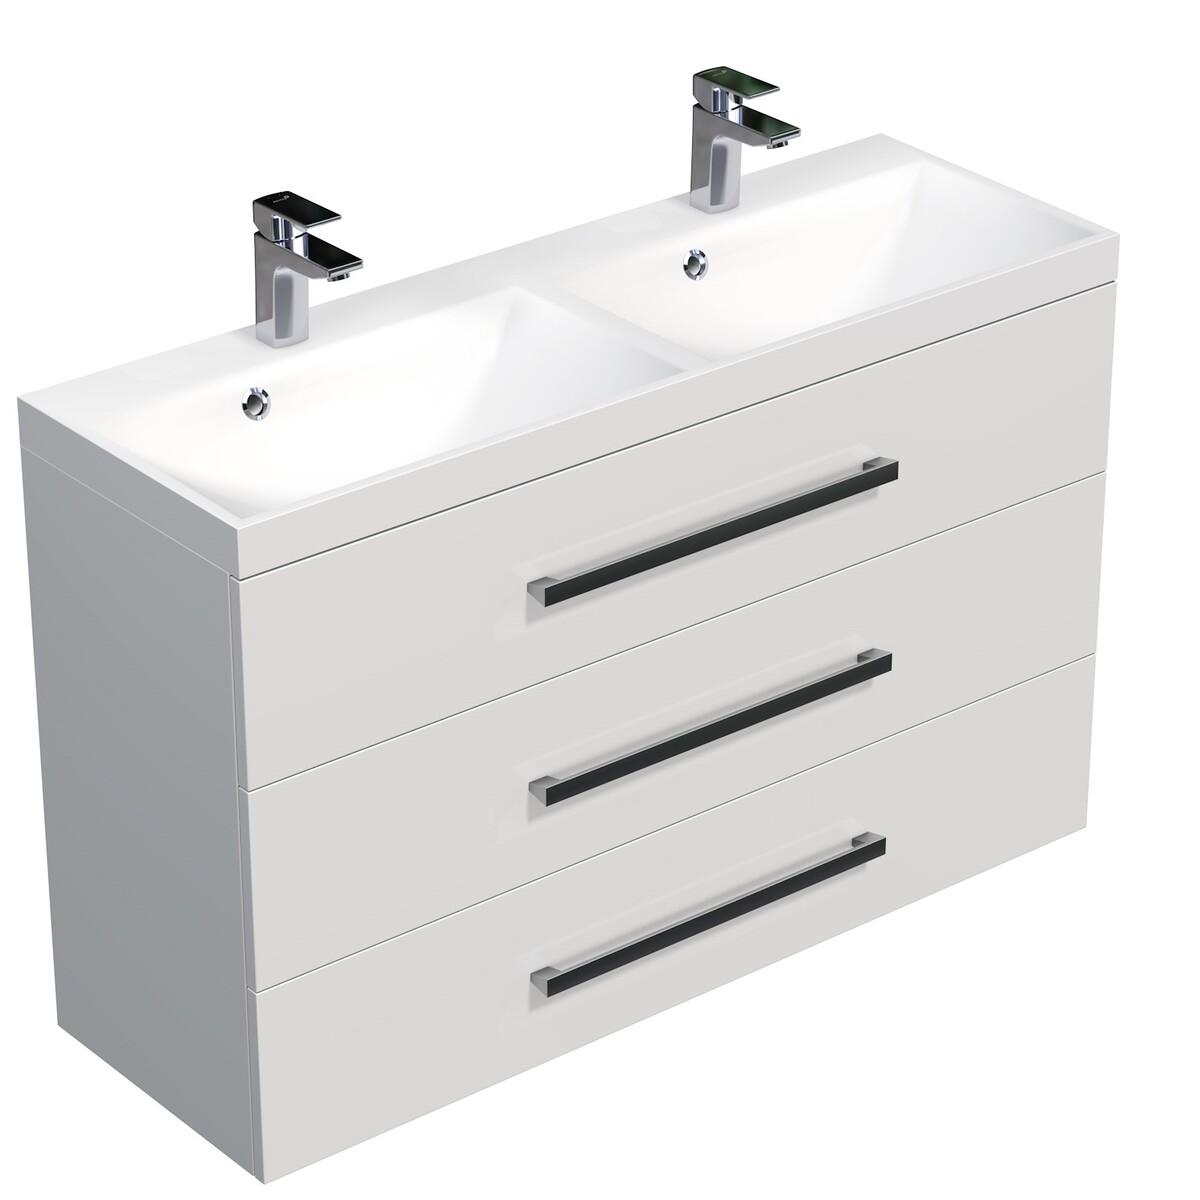 Koupelnová skříňka s umyvadlem Naturel Cube Way 120x76,5x40 cm bílá lesk CUBE21203BL